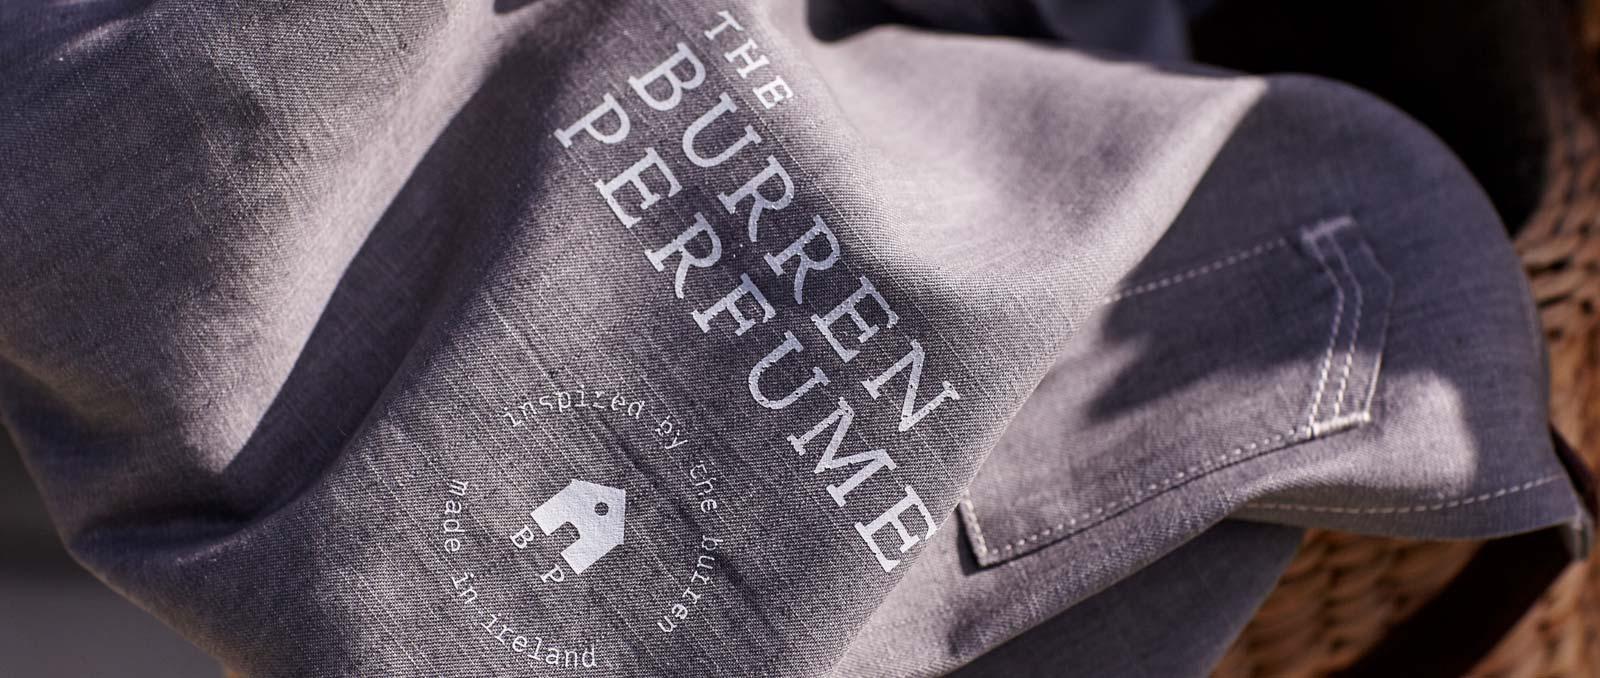 the-burren-perfumery-logo